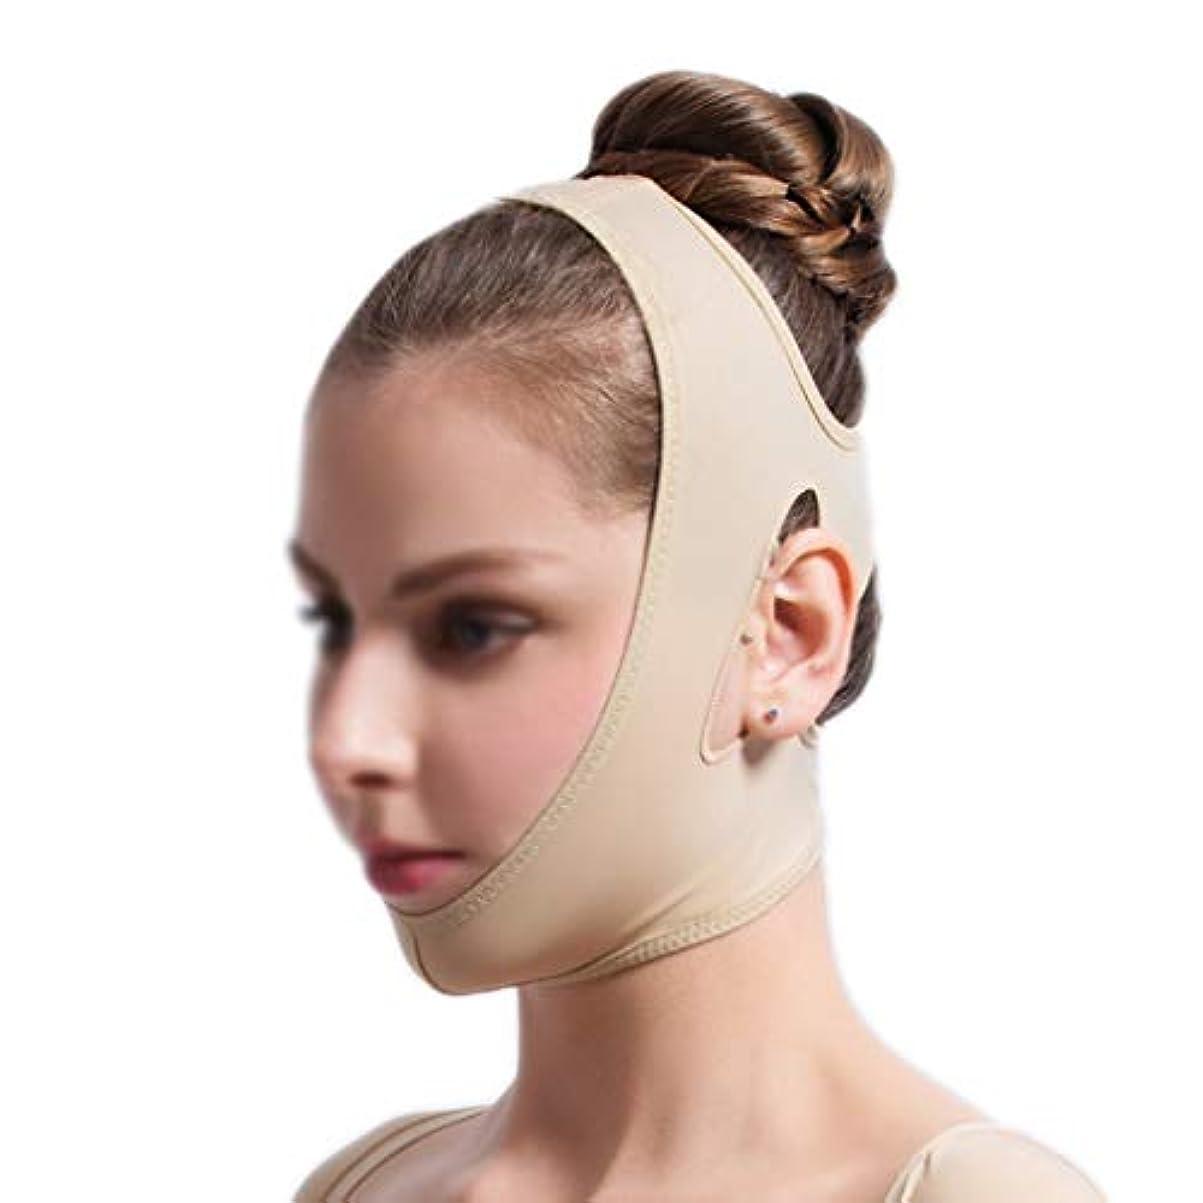 聴衆ナチュラ比べるフェイスリフティング包帯、フェイシャル減量マスク、フェイシャルリフティング痩身ベルト、痩身頬マスク (Size : L)